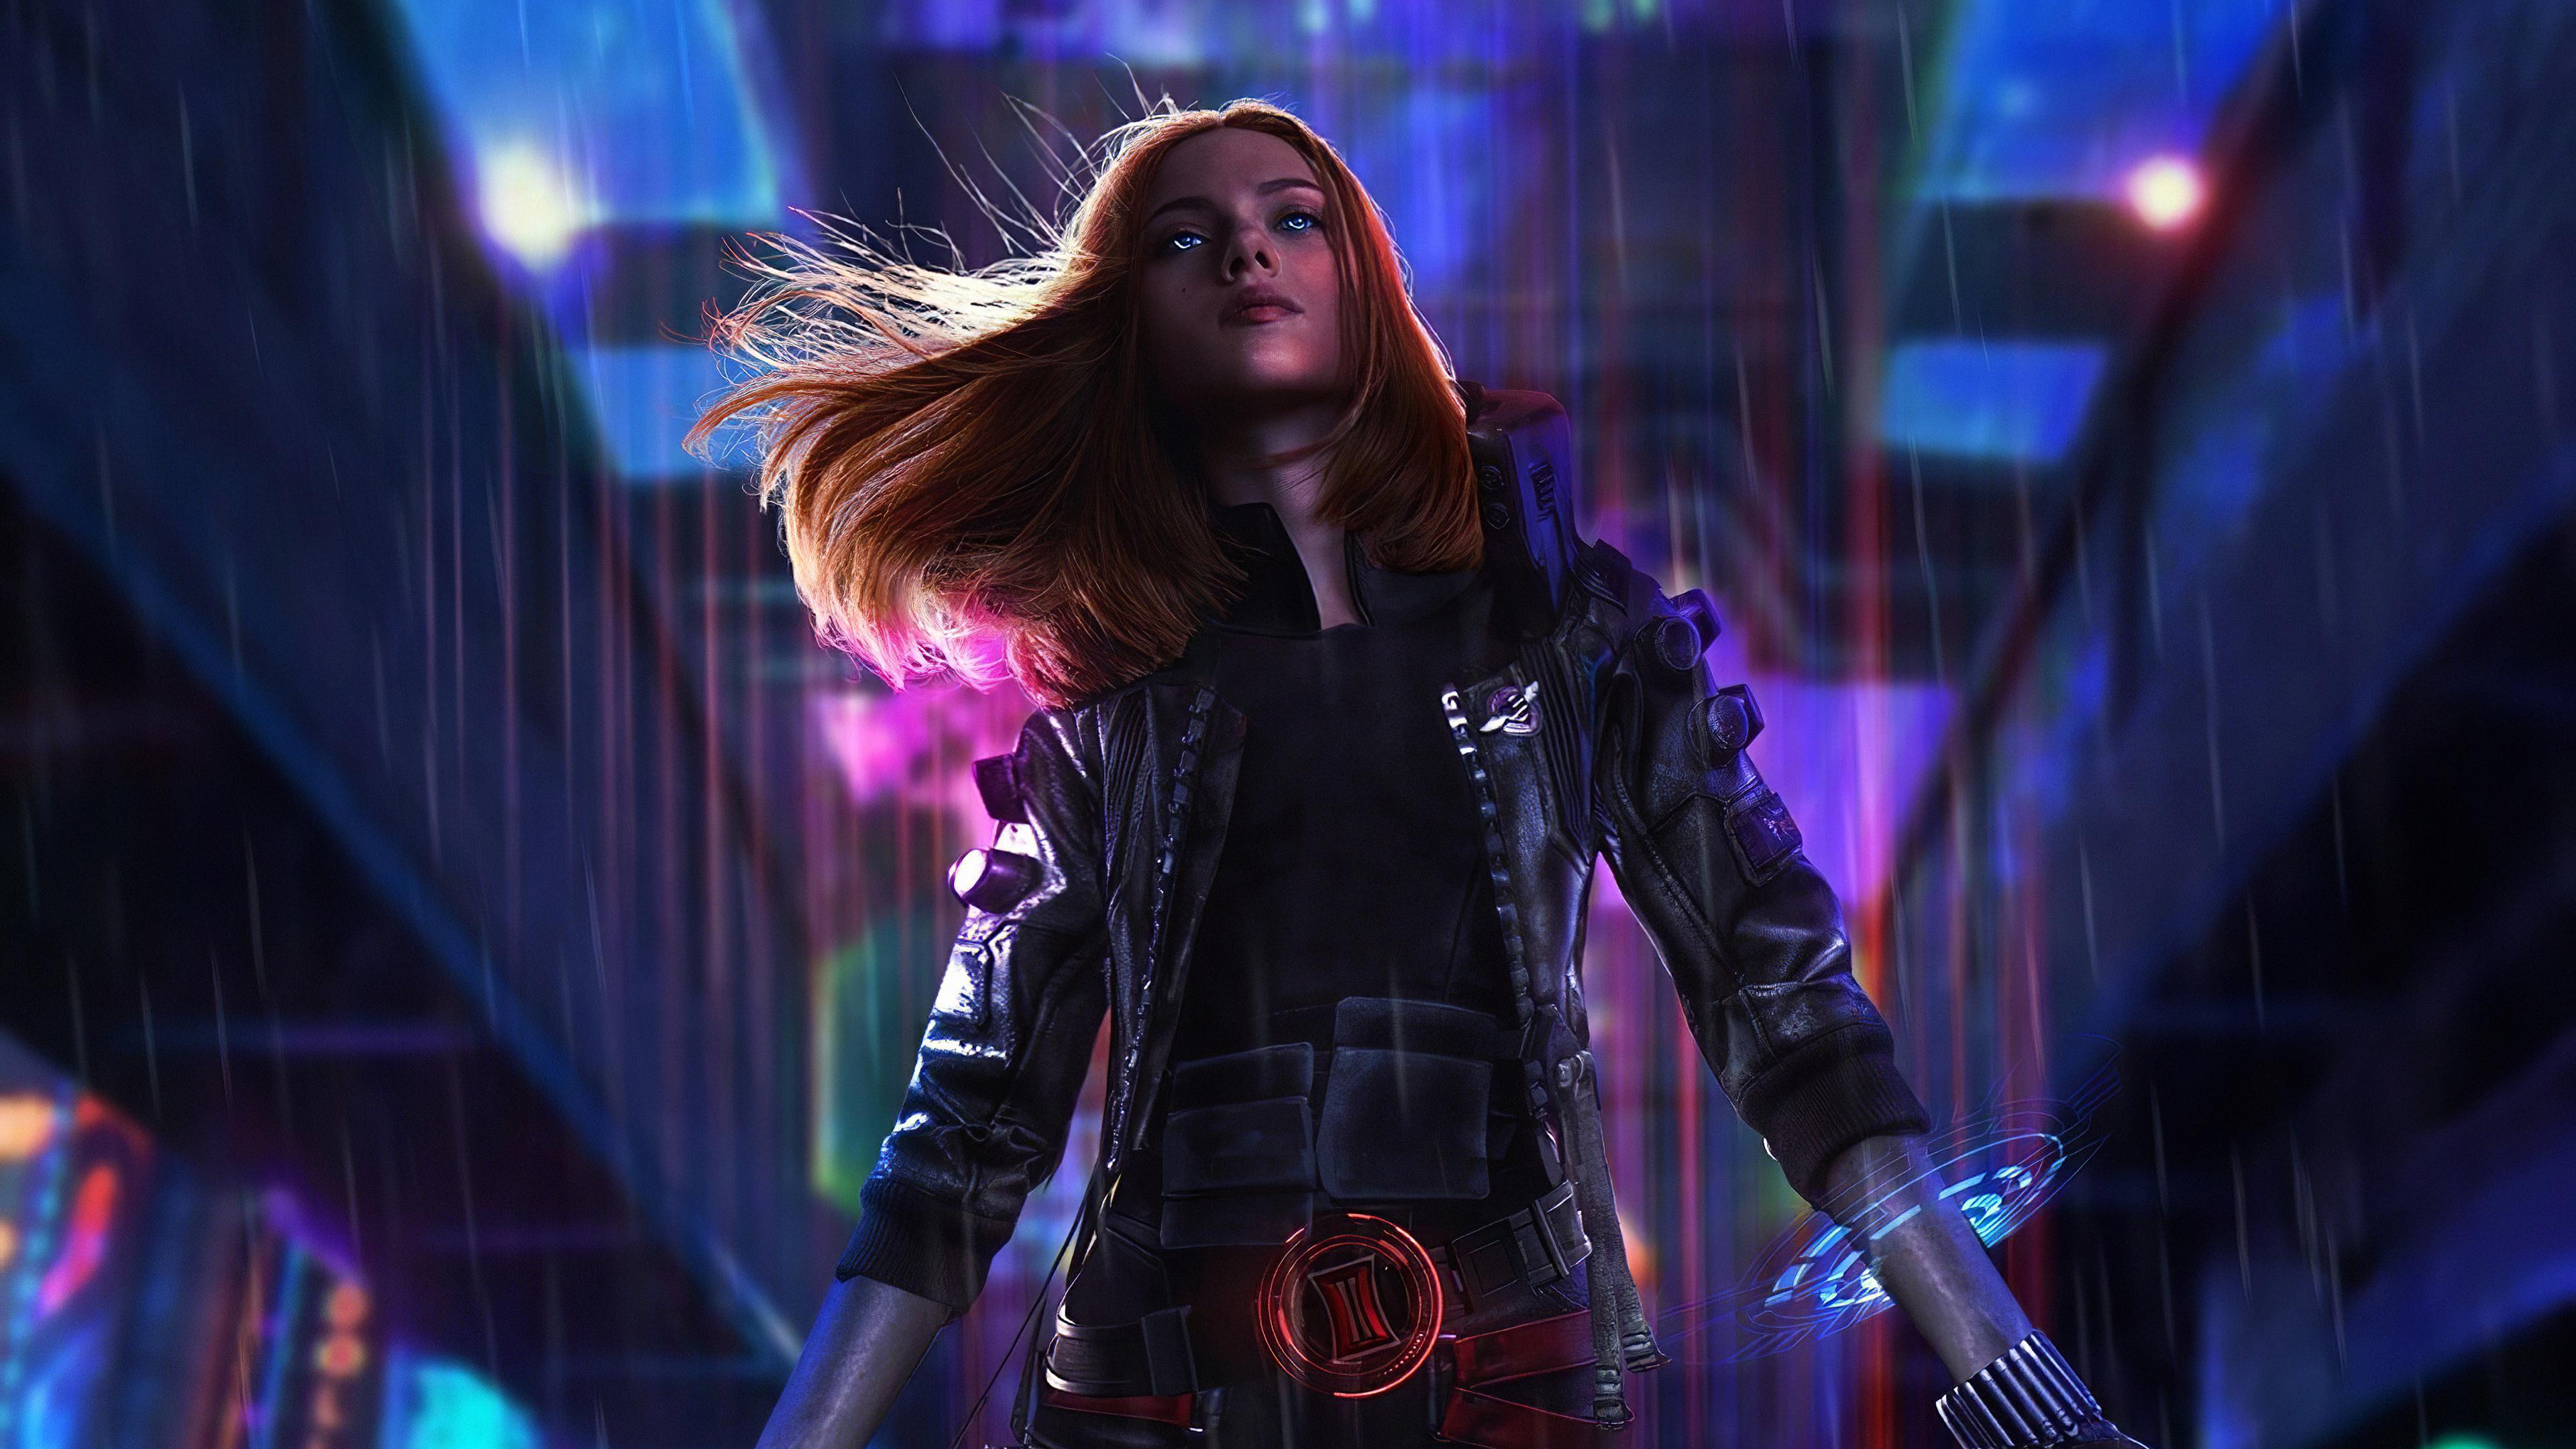 Cyberpunk Black Widow 4k Hd Superheroes 4k Wallpapers